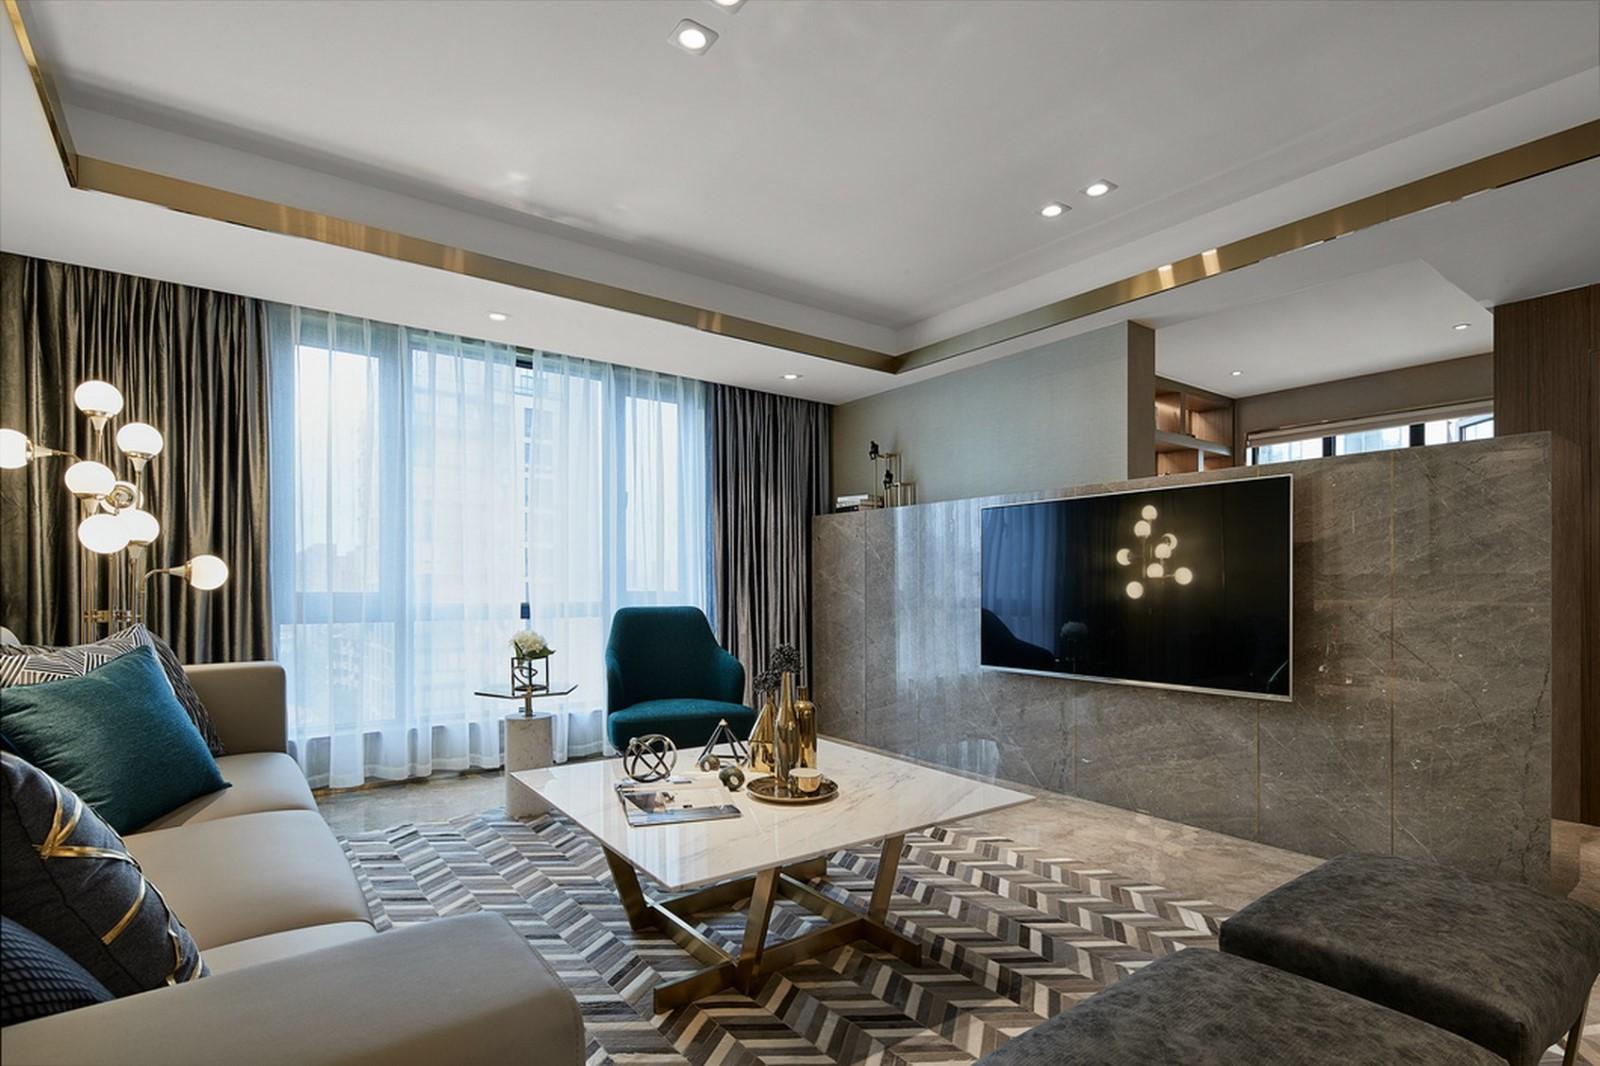 2020后现代客厅装修设计 2020后现代电视背景墙图片